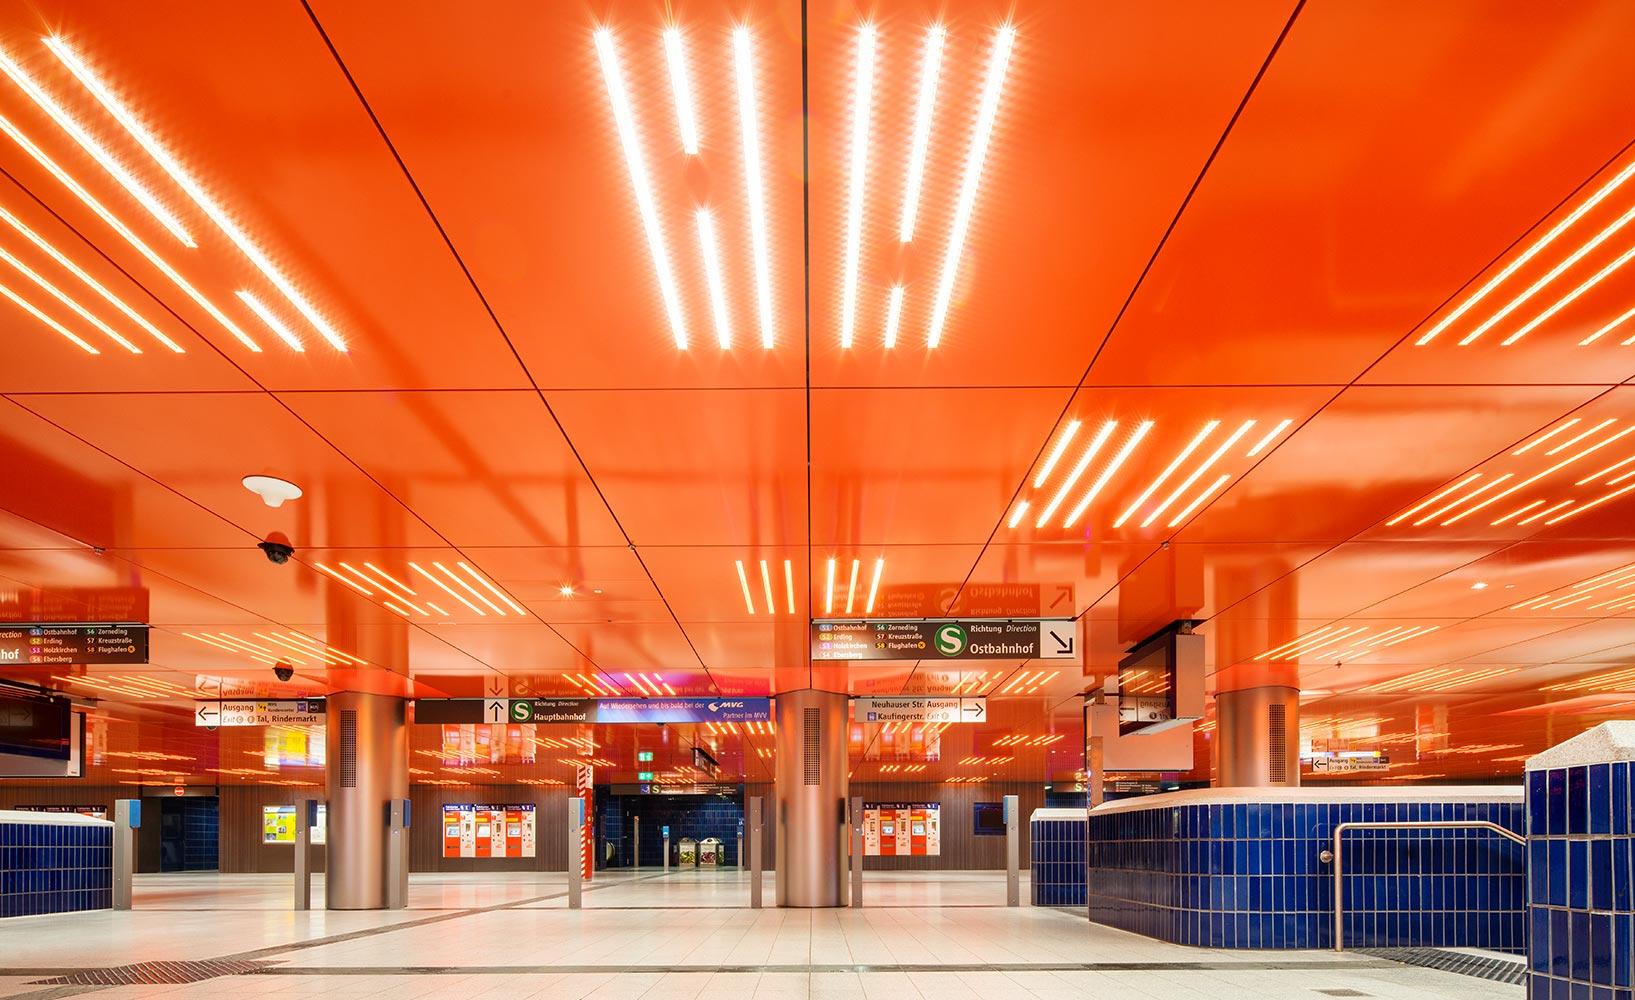 Architektonische Highlights unterstreichen